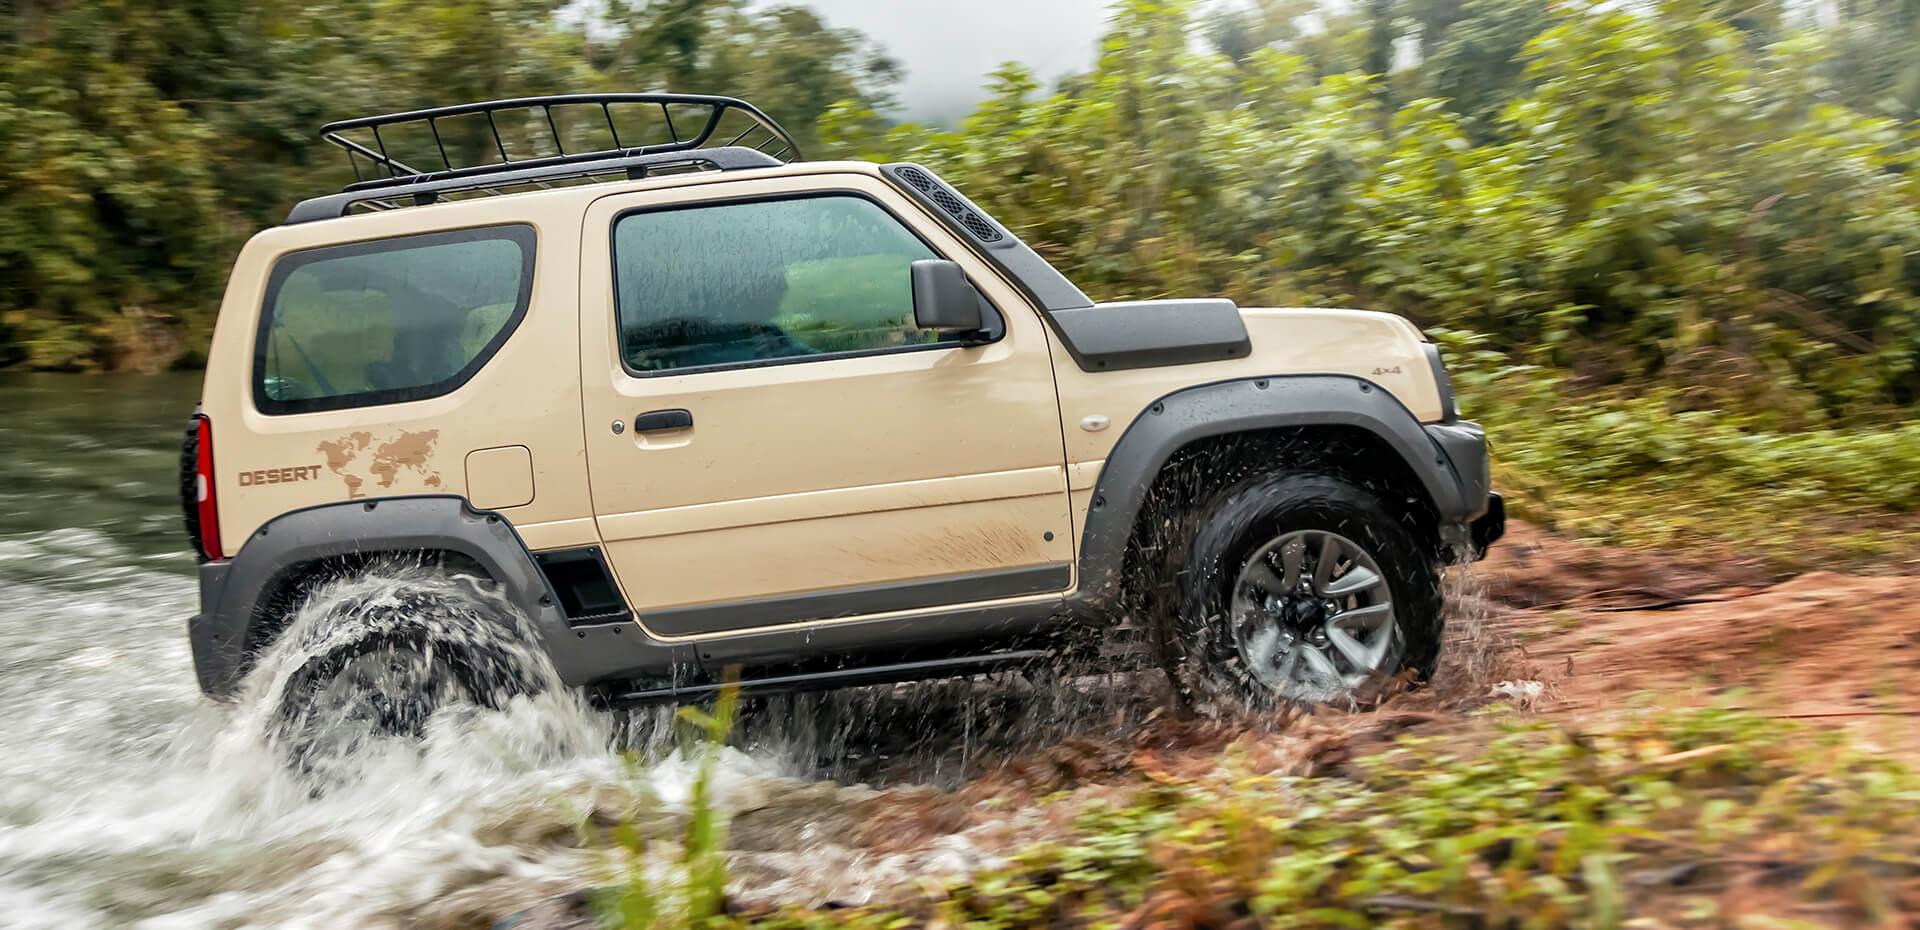 Suzuki JIMNY DESERT 5